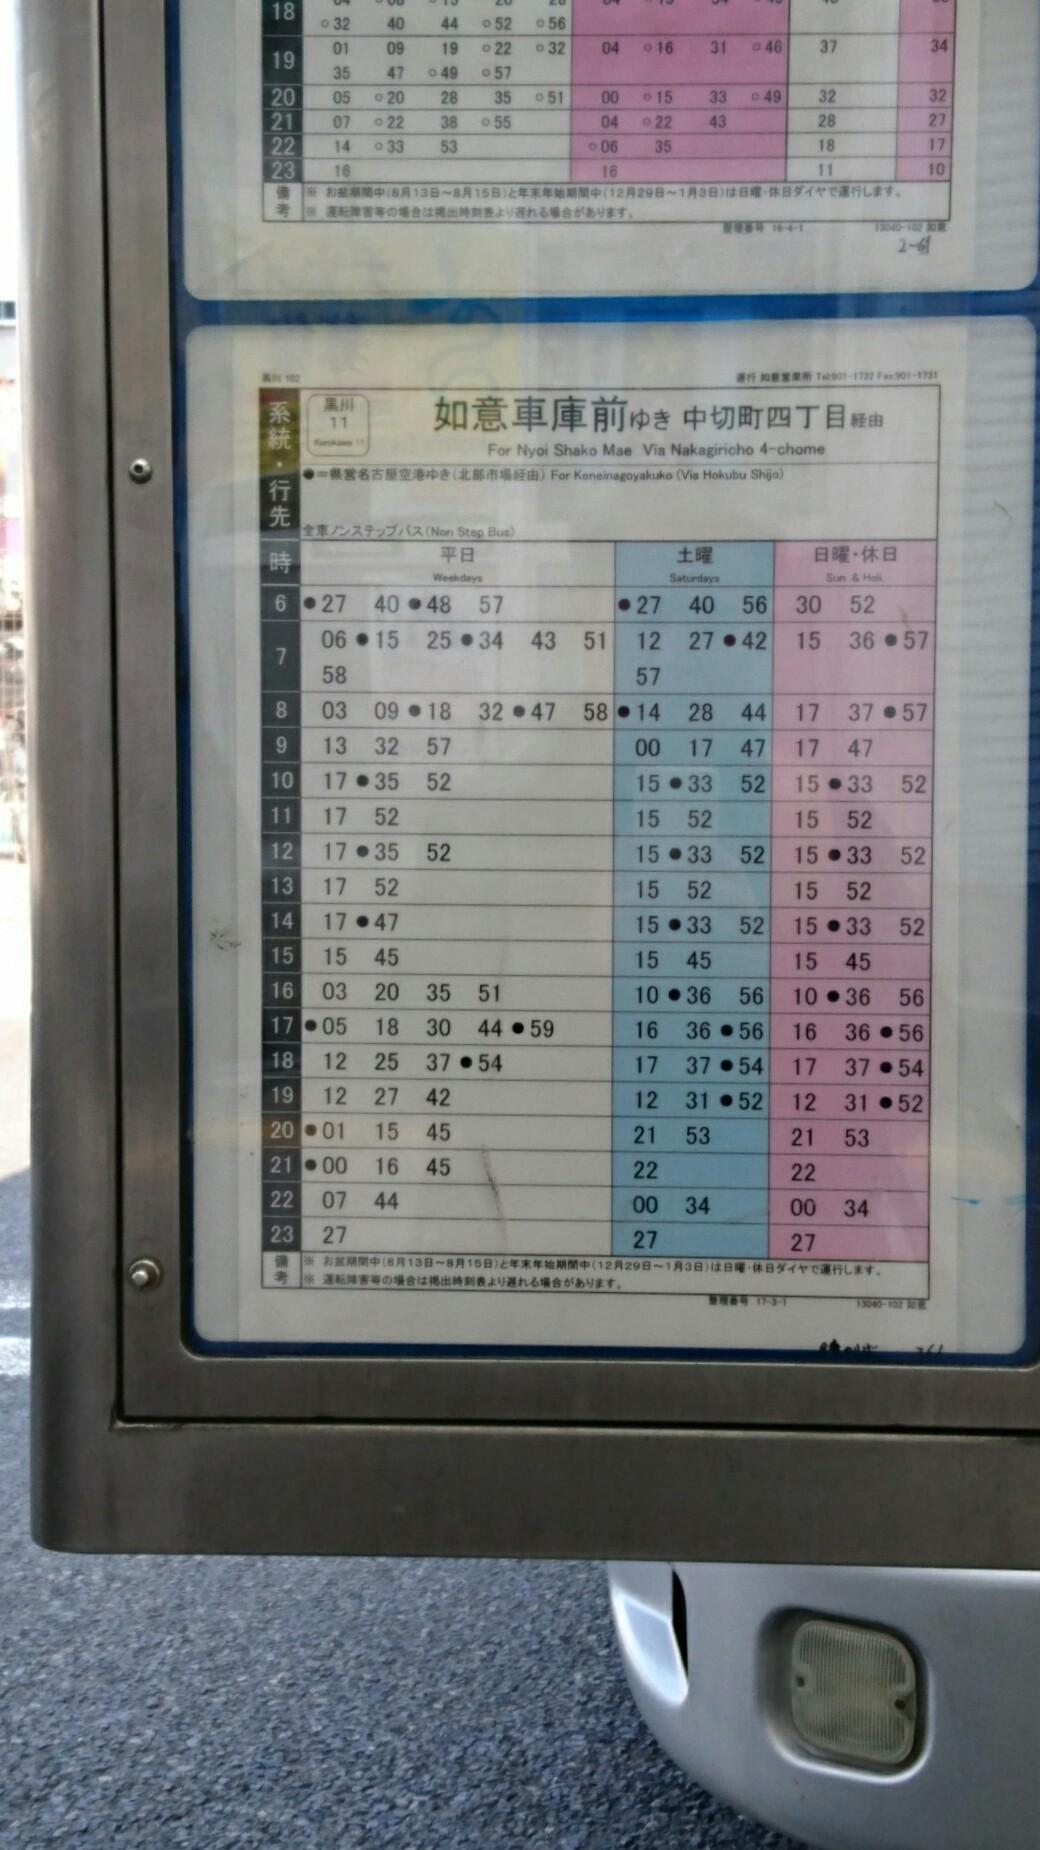 2017.3.12 名古屋 (22) 黒川バス停 - 黒川11系統時刻表 1040-1850